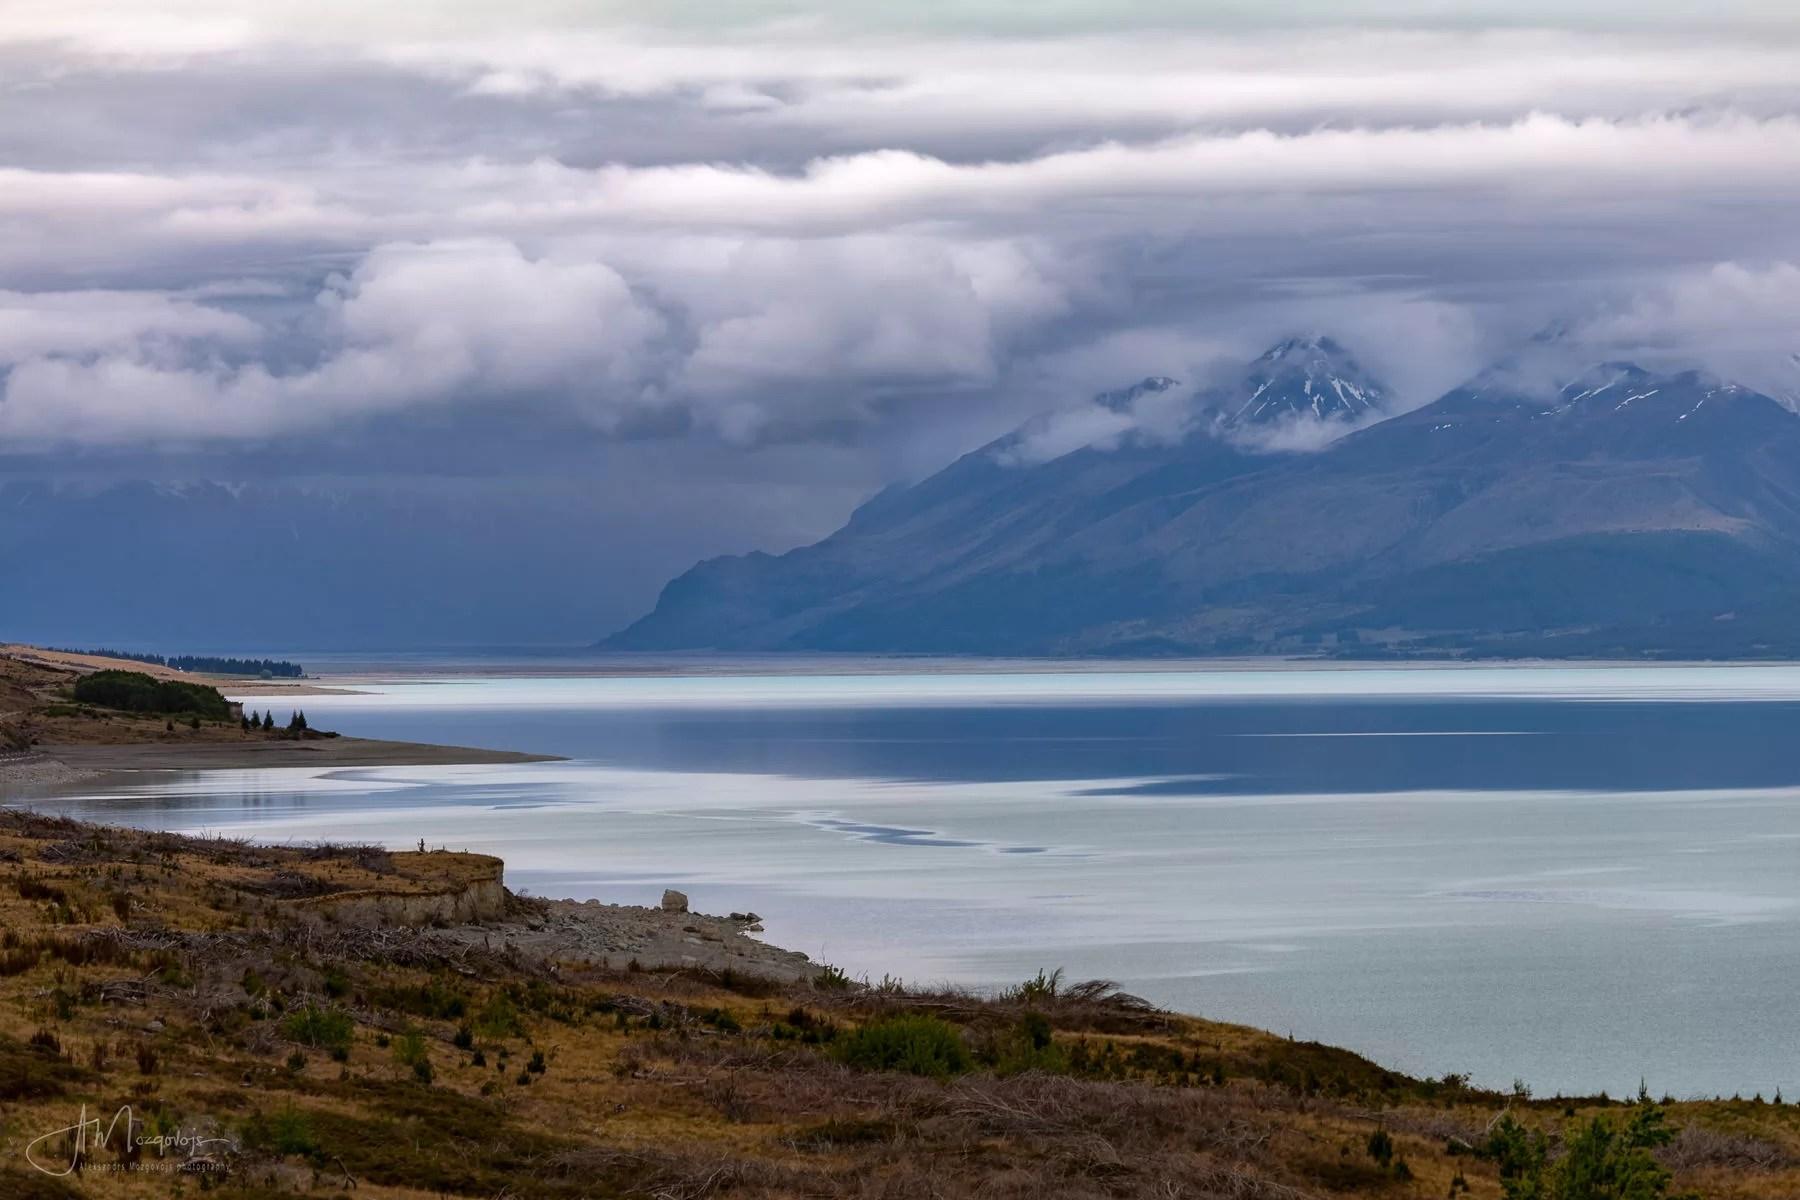 Озеро Пукаки. Пейзаж как из Властелина Колец.